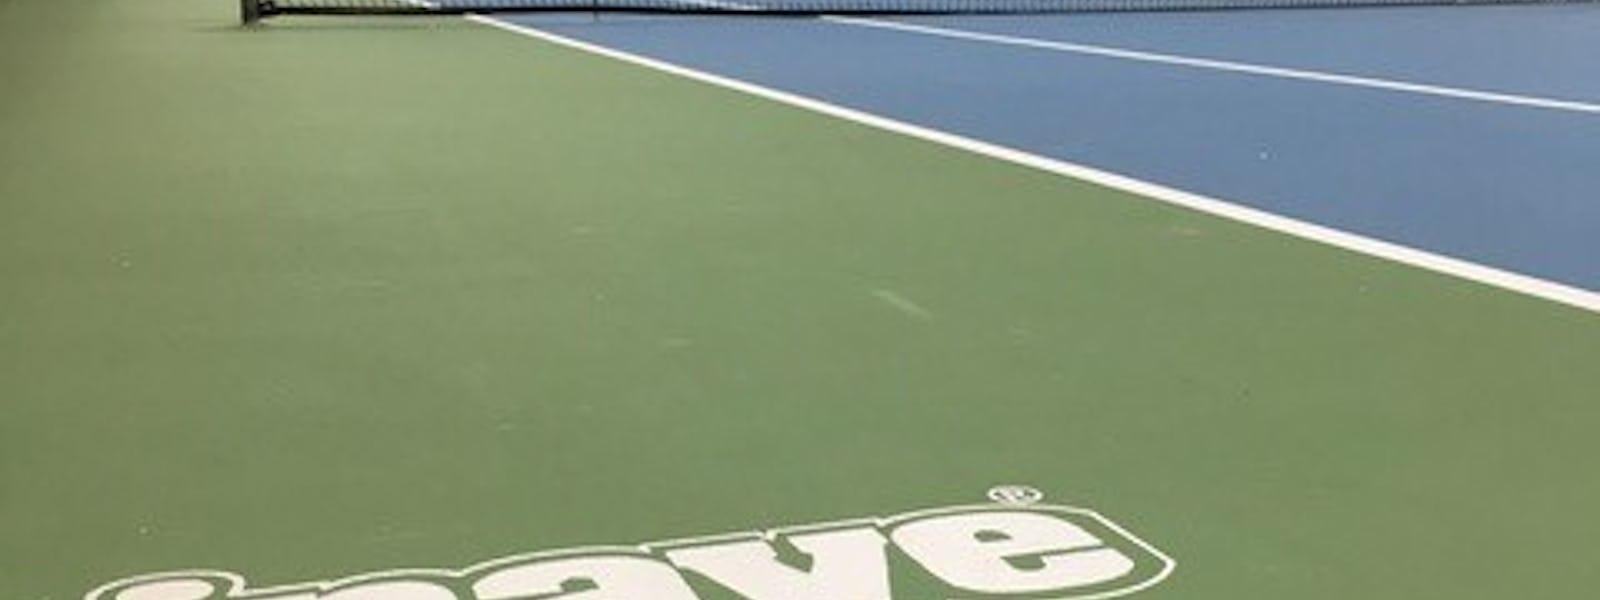 Bild - Jullov: tennis 7-12 år